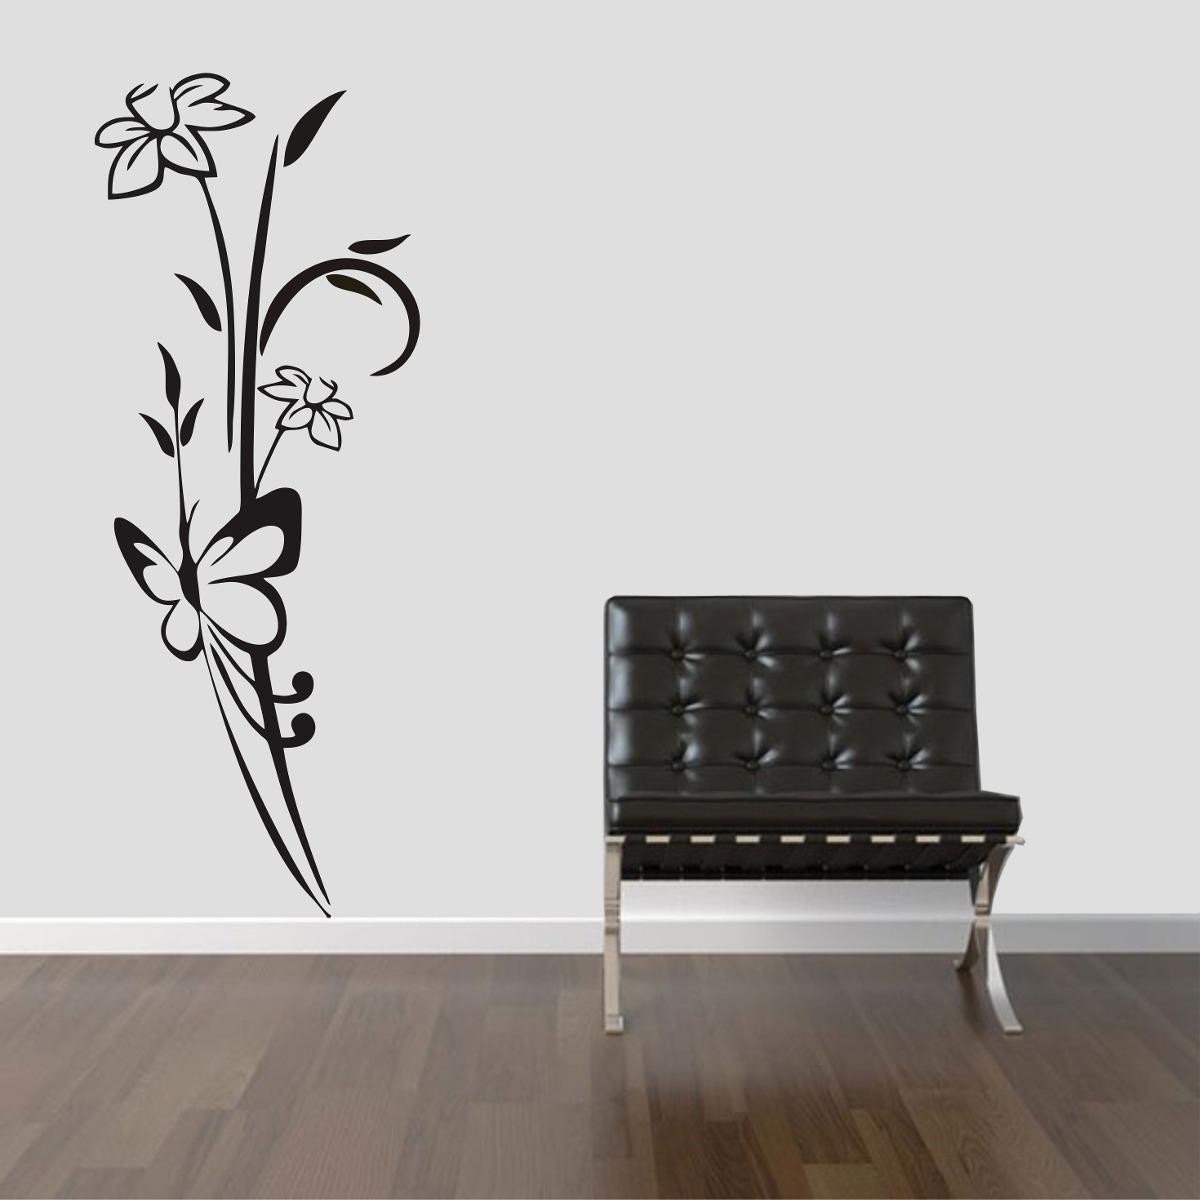 Adesivo Box Banheiro Floral Frete Grtis Pic 5 Pictures to pin on  #5C4E43 1200x1200 Adesivo Blindex Banheiro